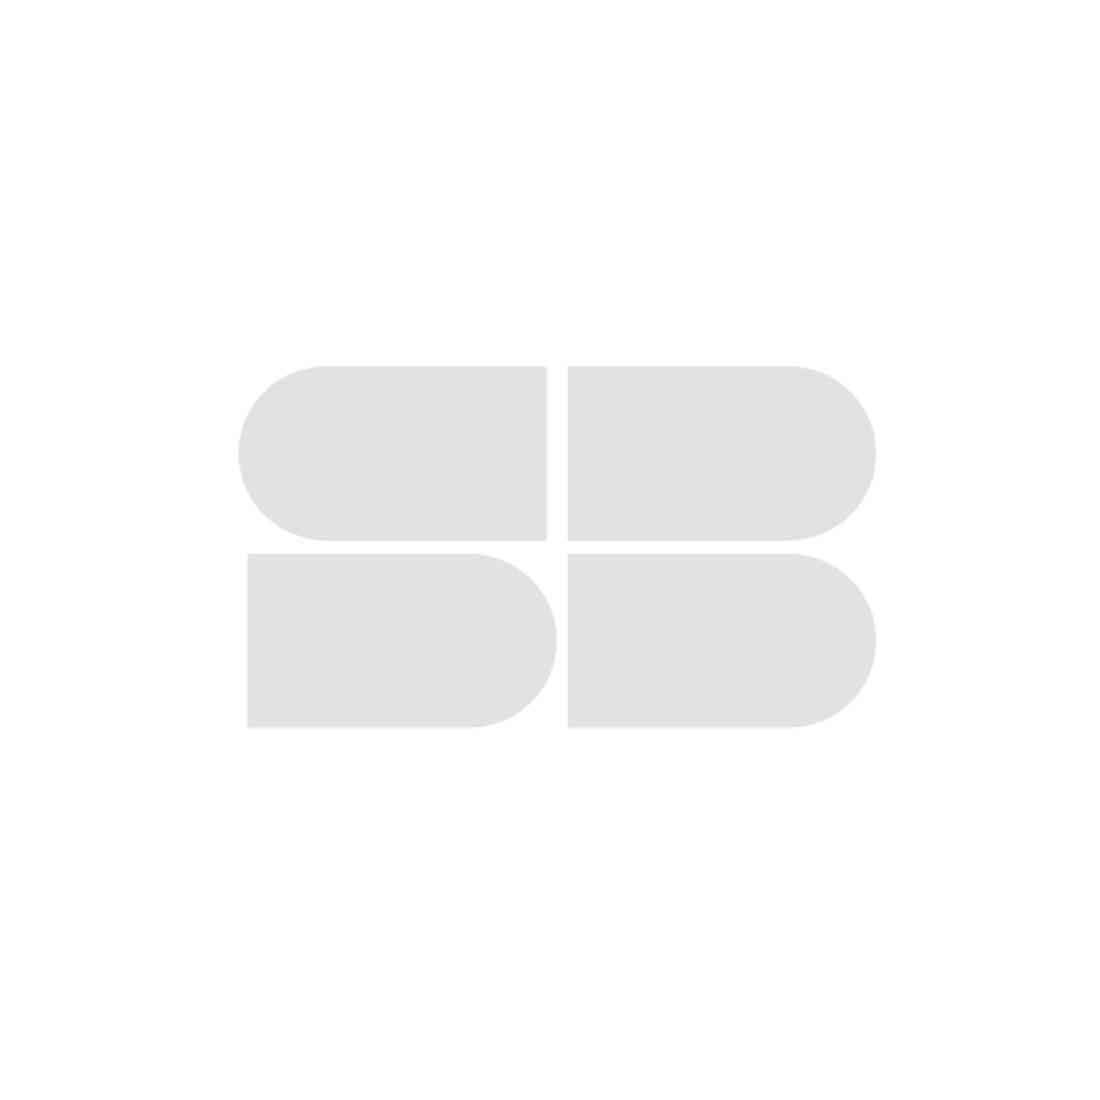 39013193-mattress-bedding-mattresses-foam-mattresses-31